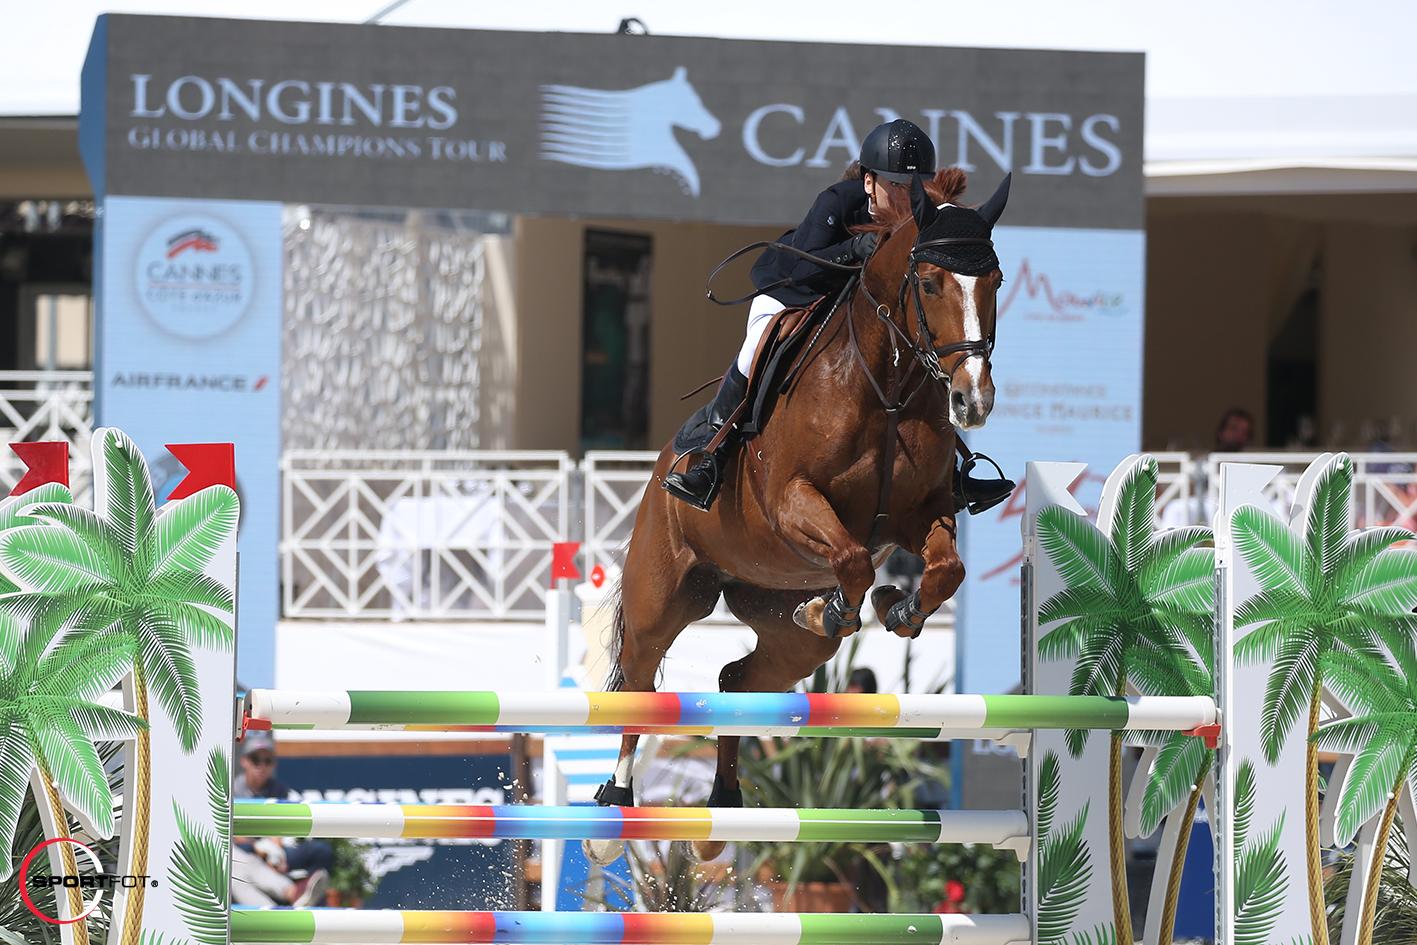 LGCT CANNES 2017_Jacqueline Felber et California de Laubry(c)sportfot